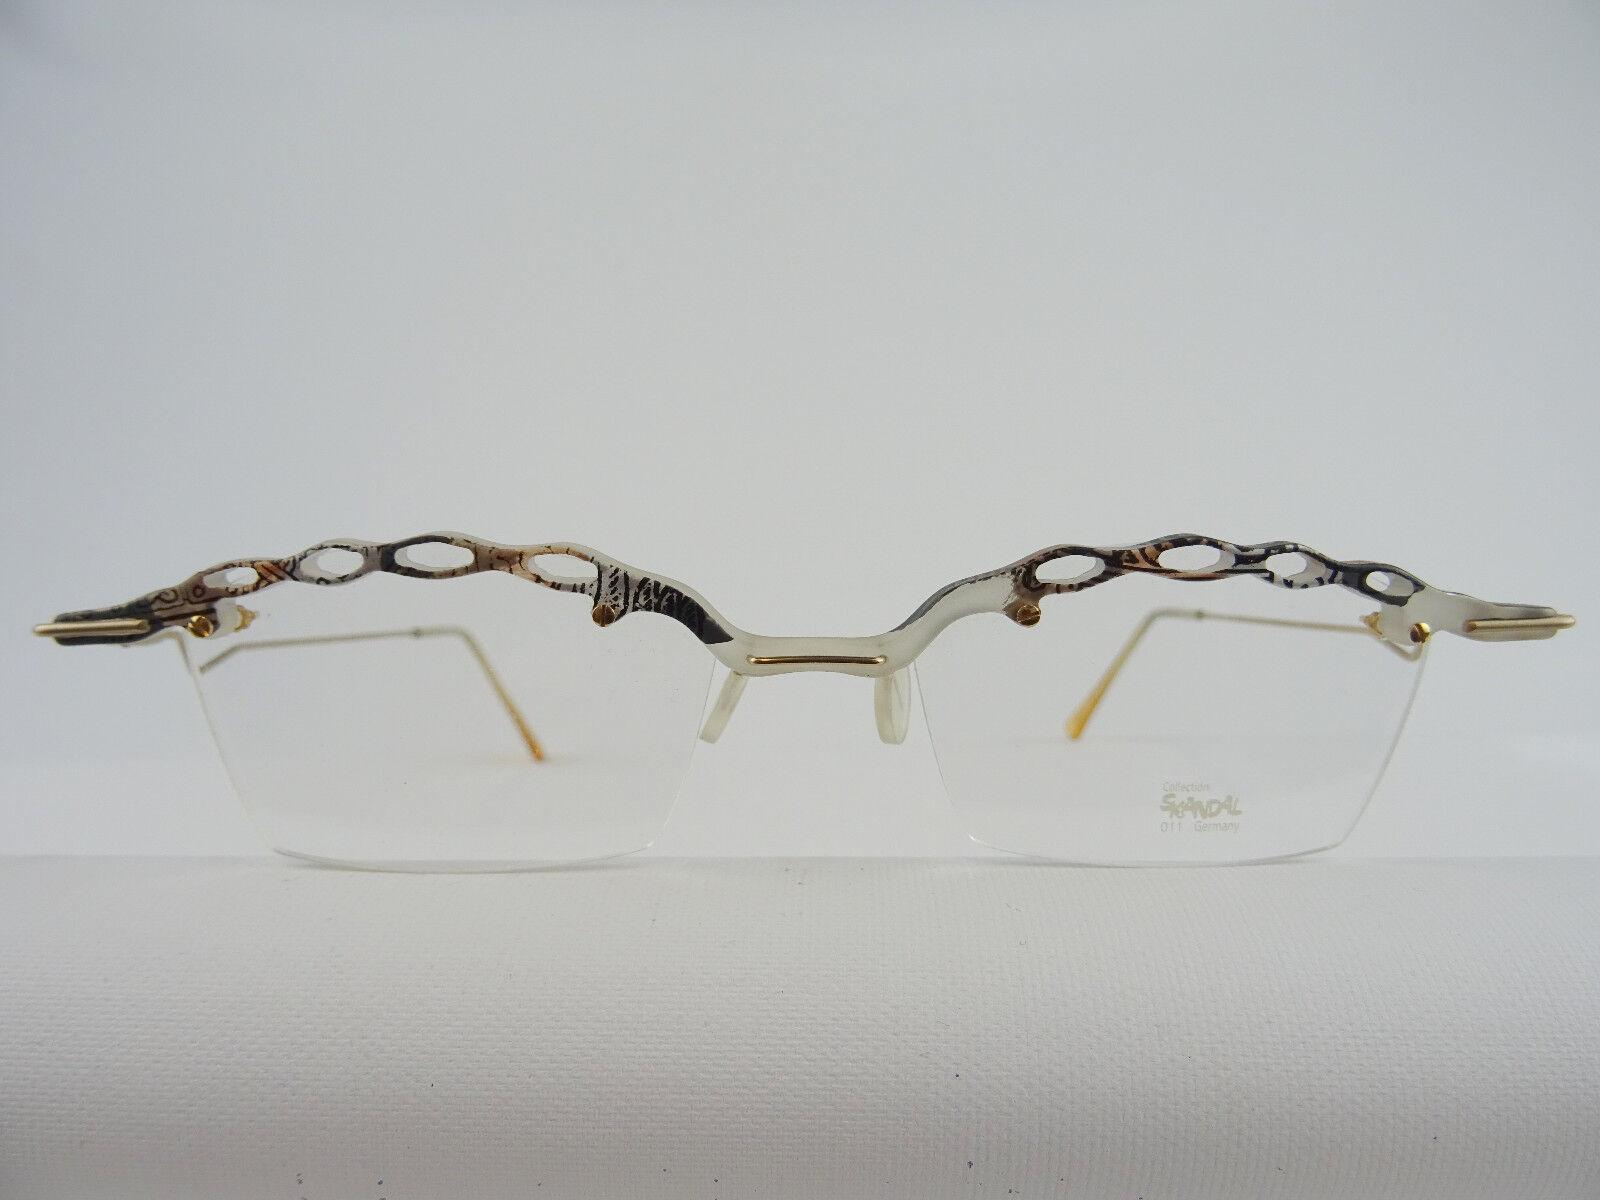 Brillengestell SKANDAL 01-011 ausgefallenes Design für Damen STYLISH Gr. M 48-19